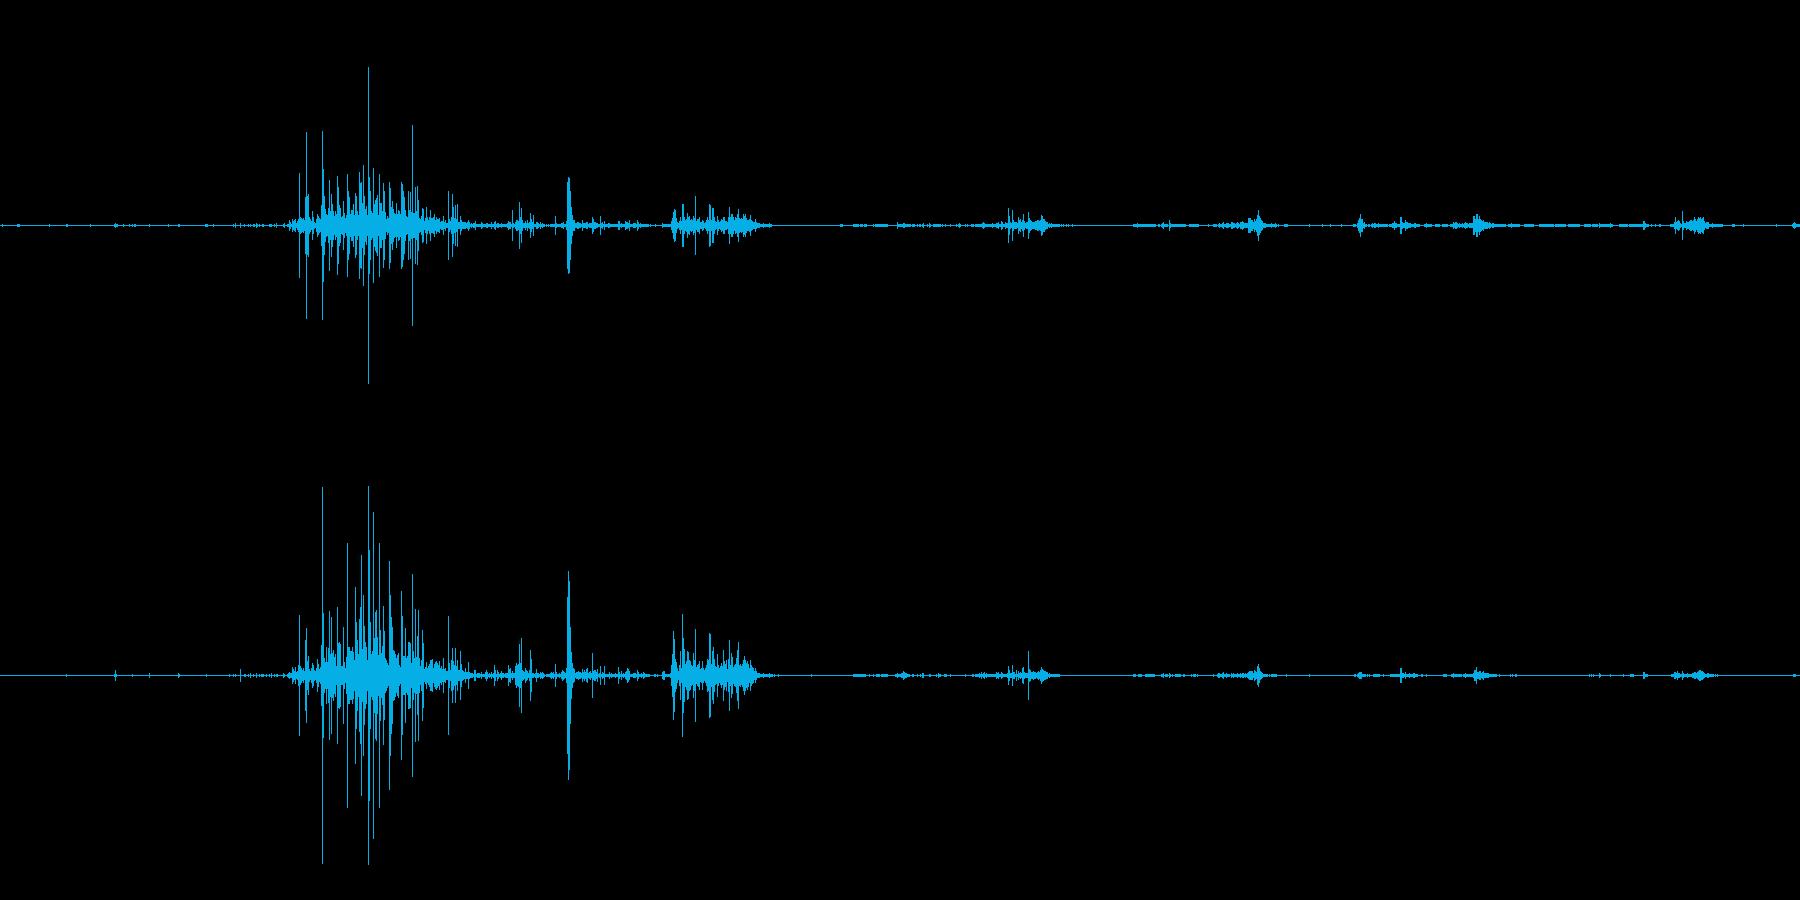 揚げ物をカリカリサクサクと食べる音の再生済みの波形